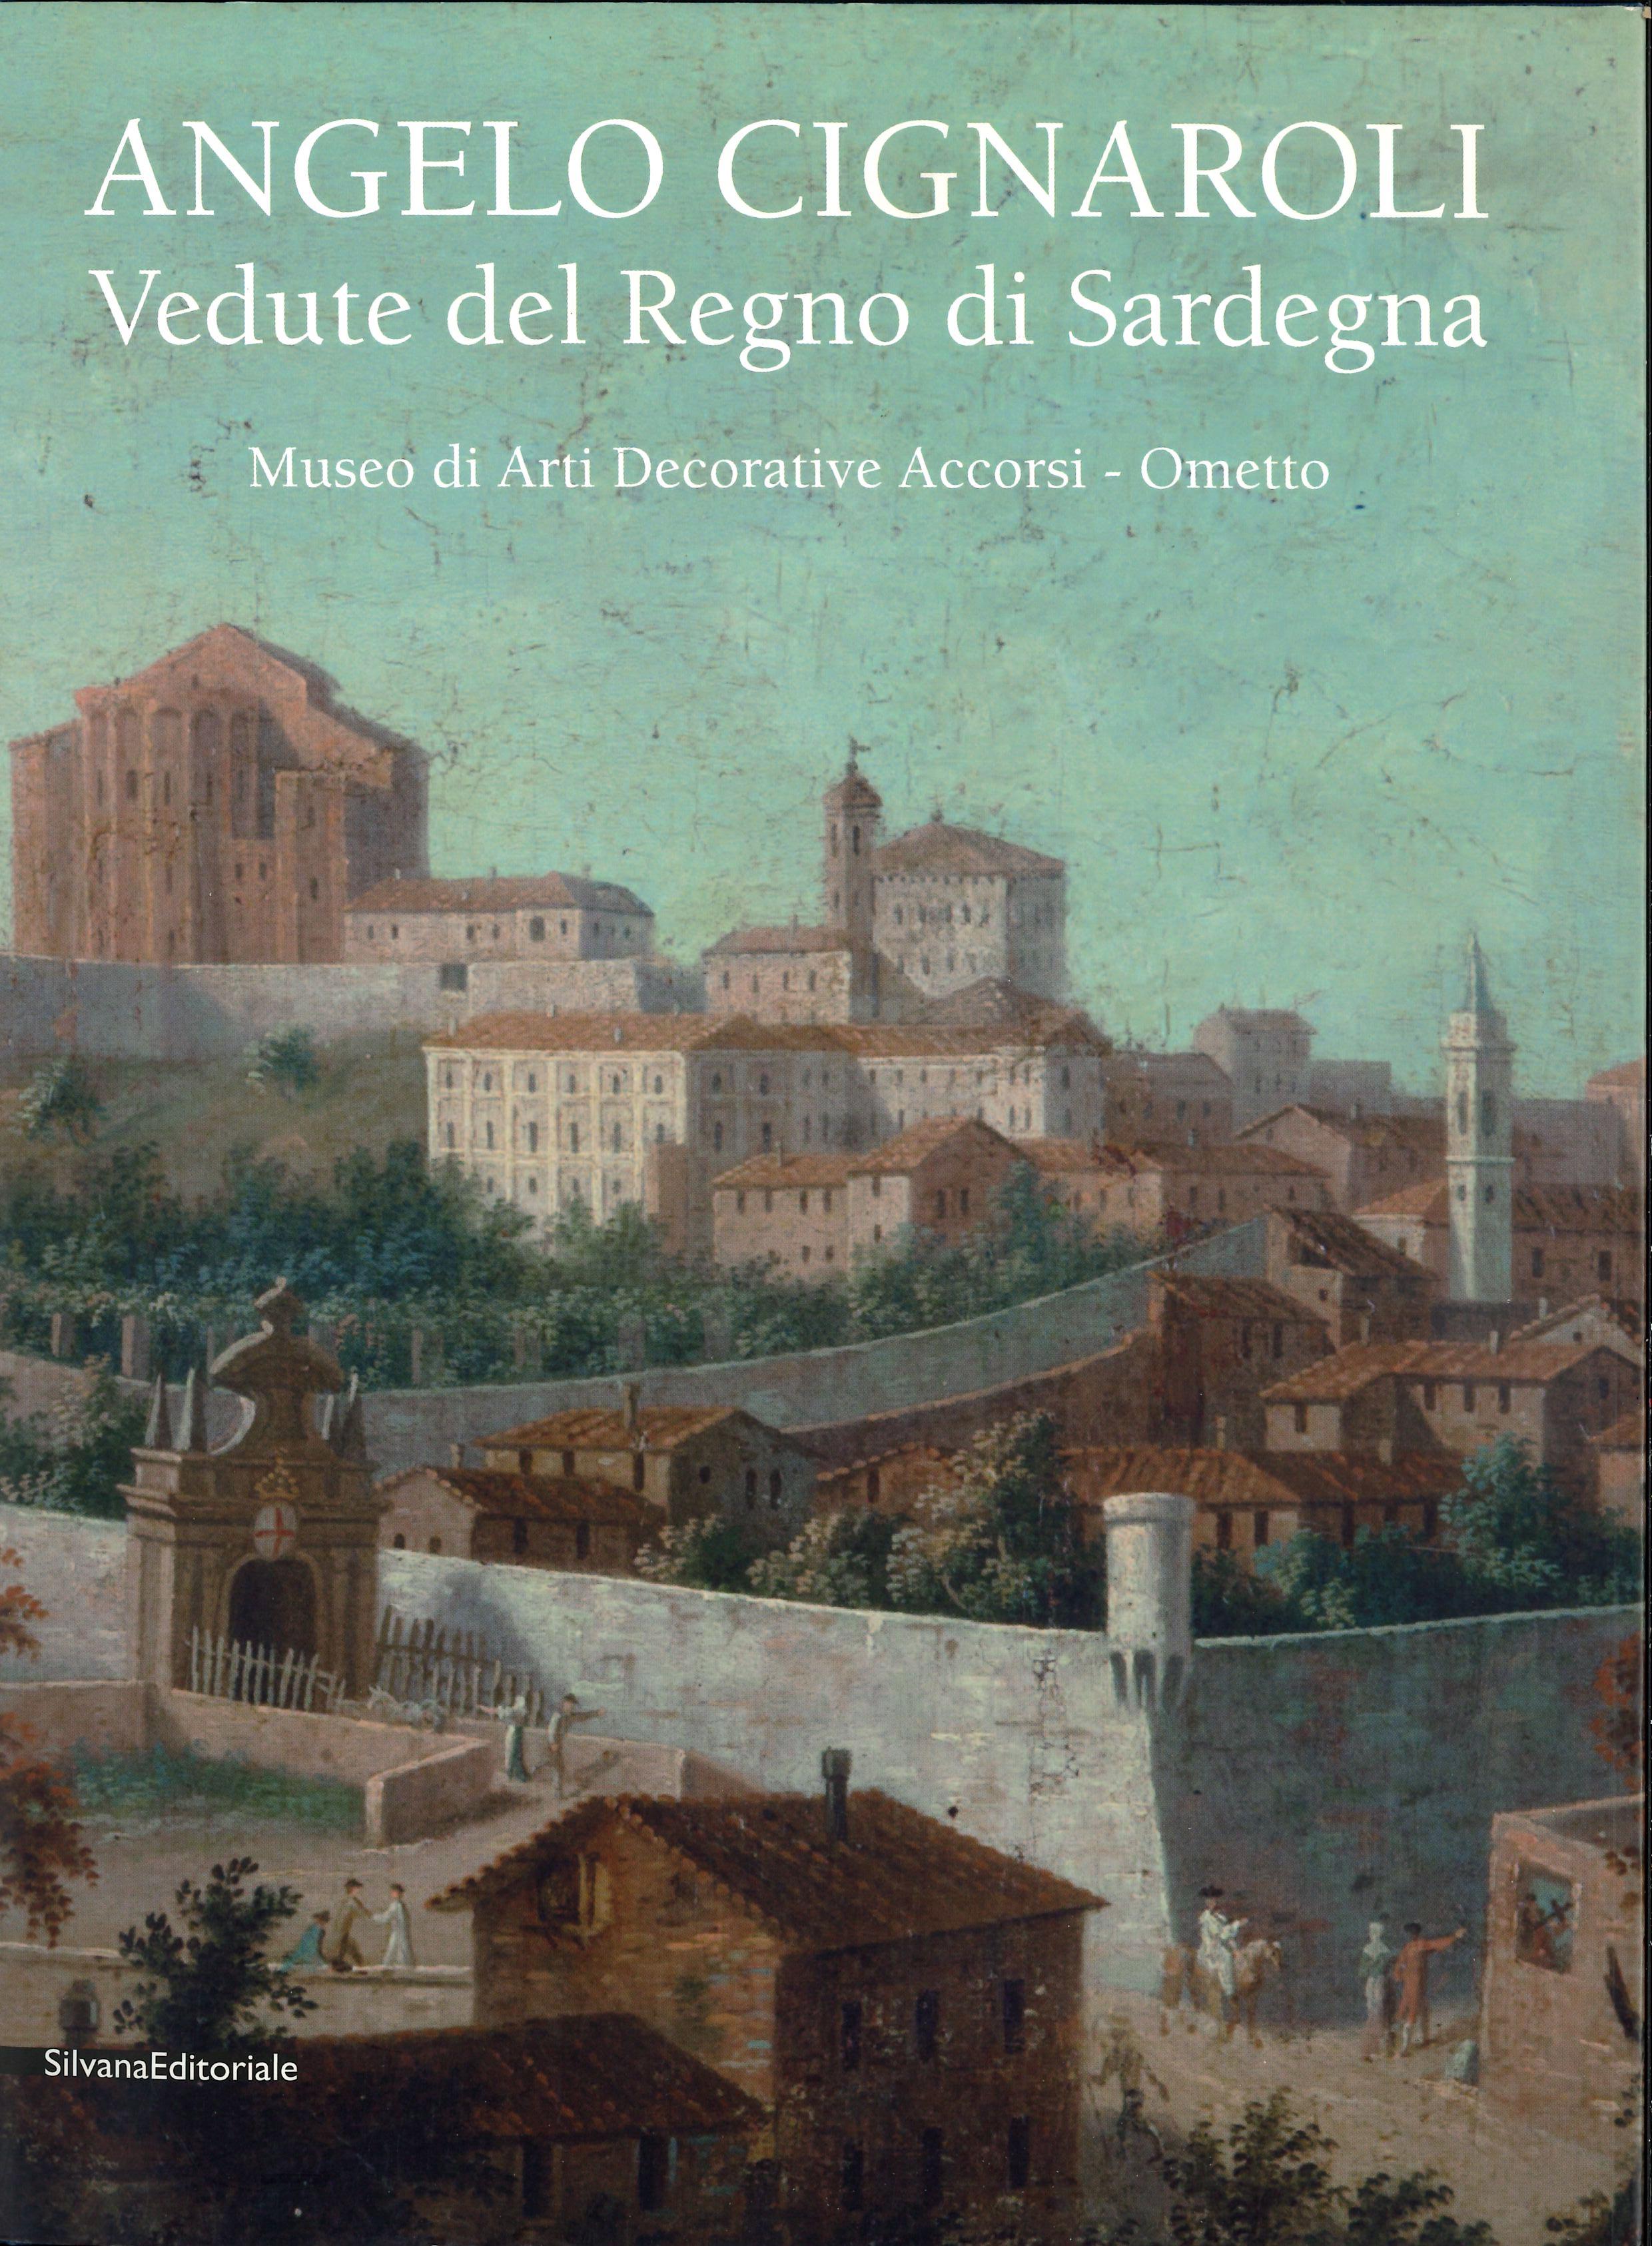 Angelo Cignaroli – Vedute del Regno di Sardegna